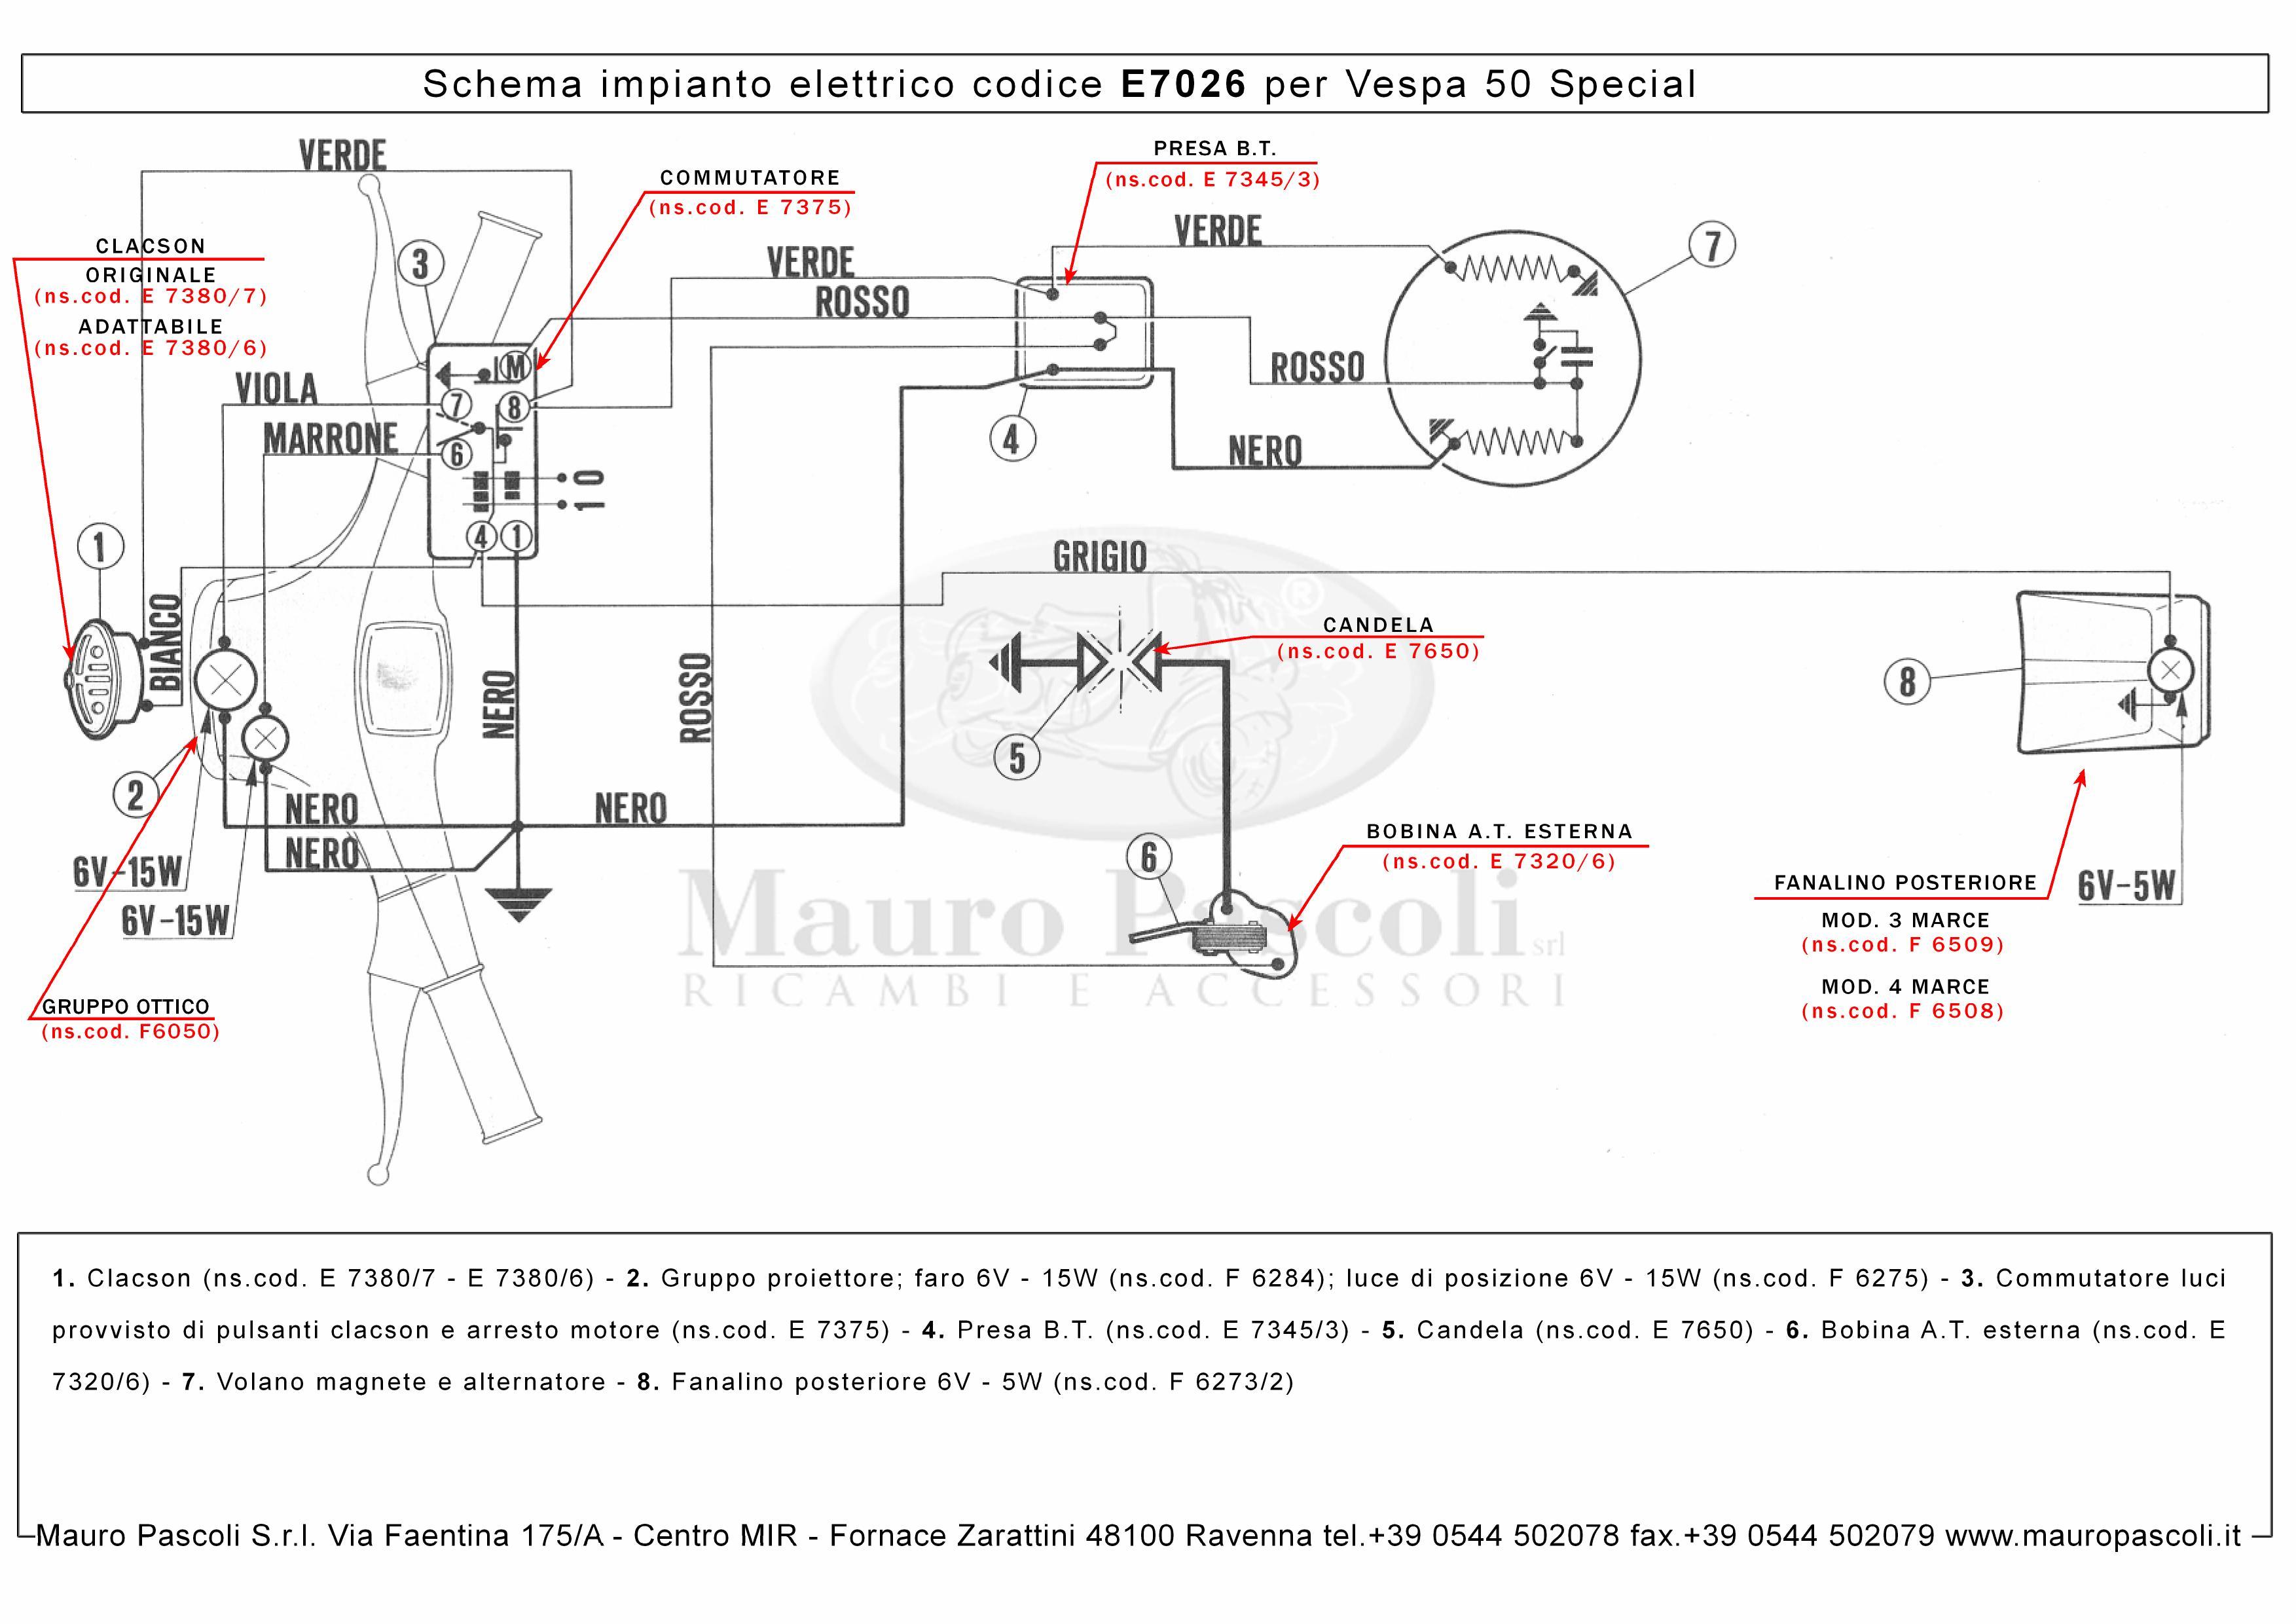 Wiring Diagram Vespa 50 Special : Wiring « pièces vespa lambretta